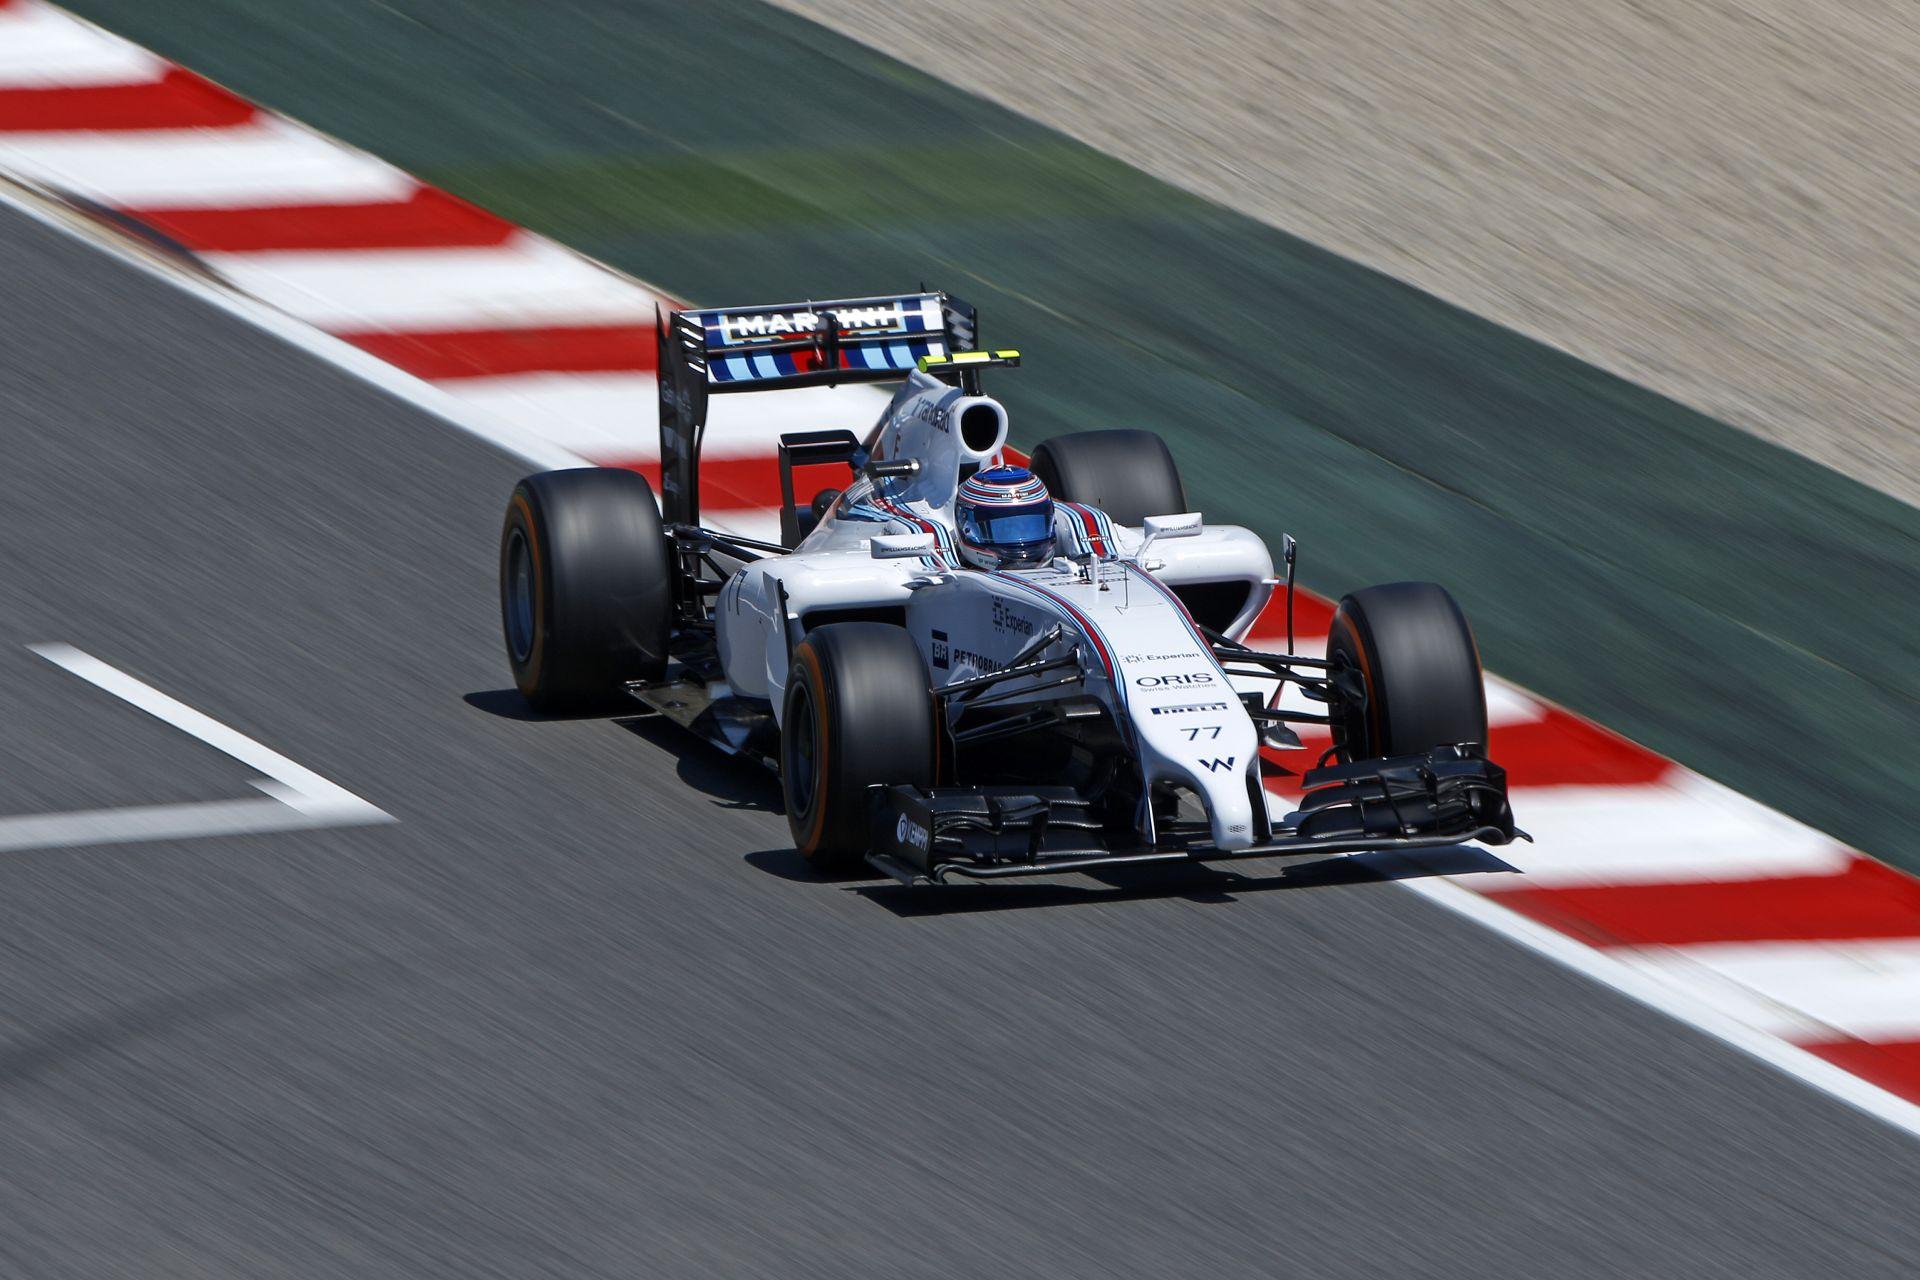 Williams: Bottas parádézott, Massa pedig még csak pontot sem szerzett